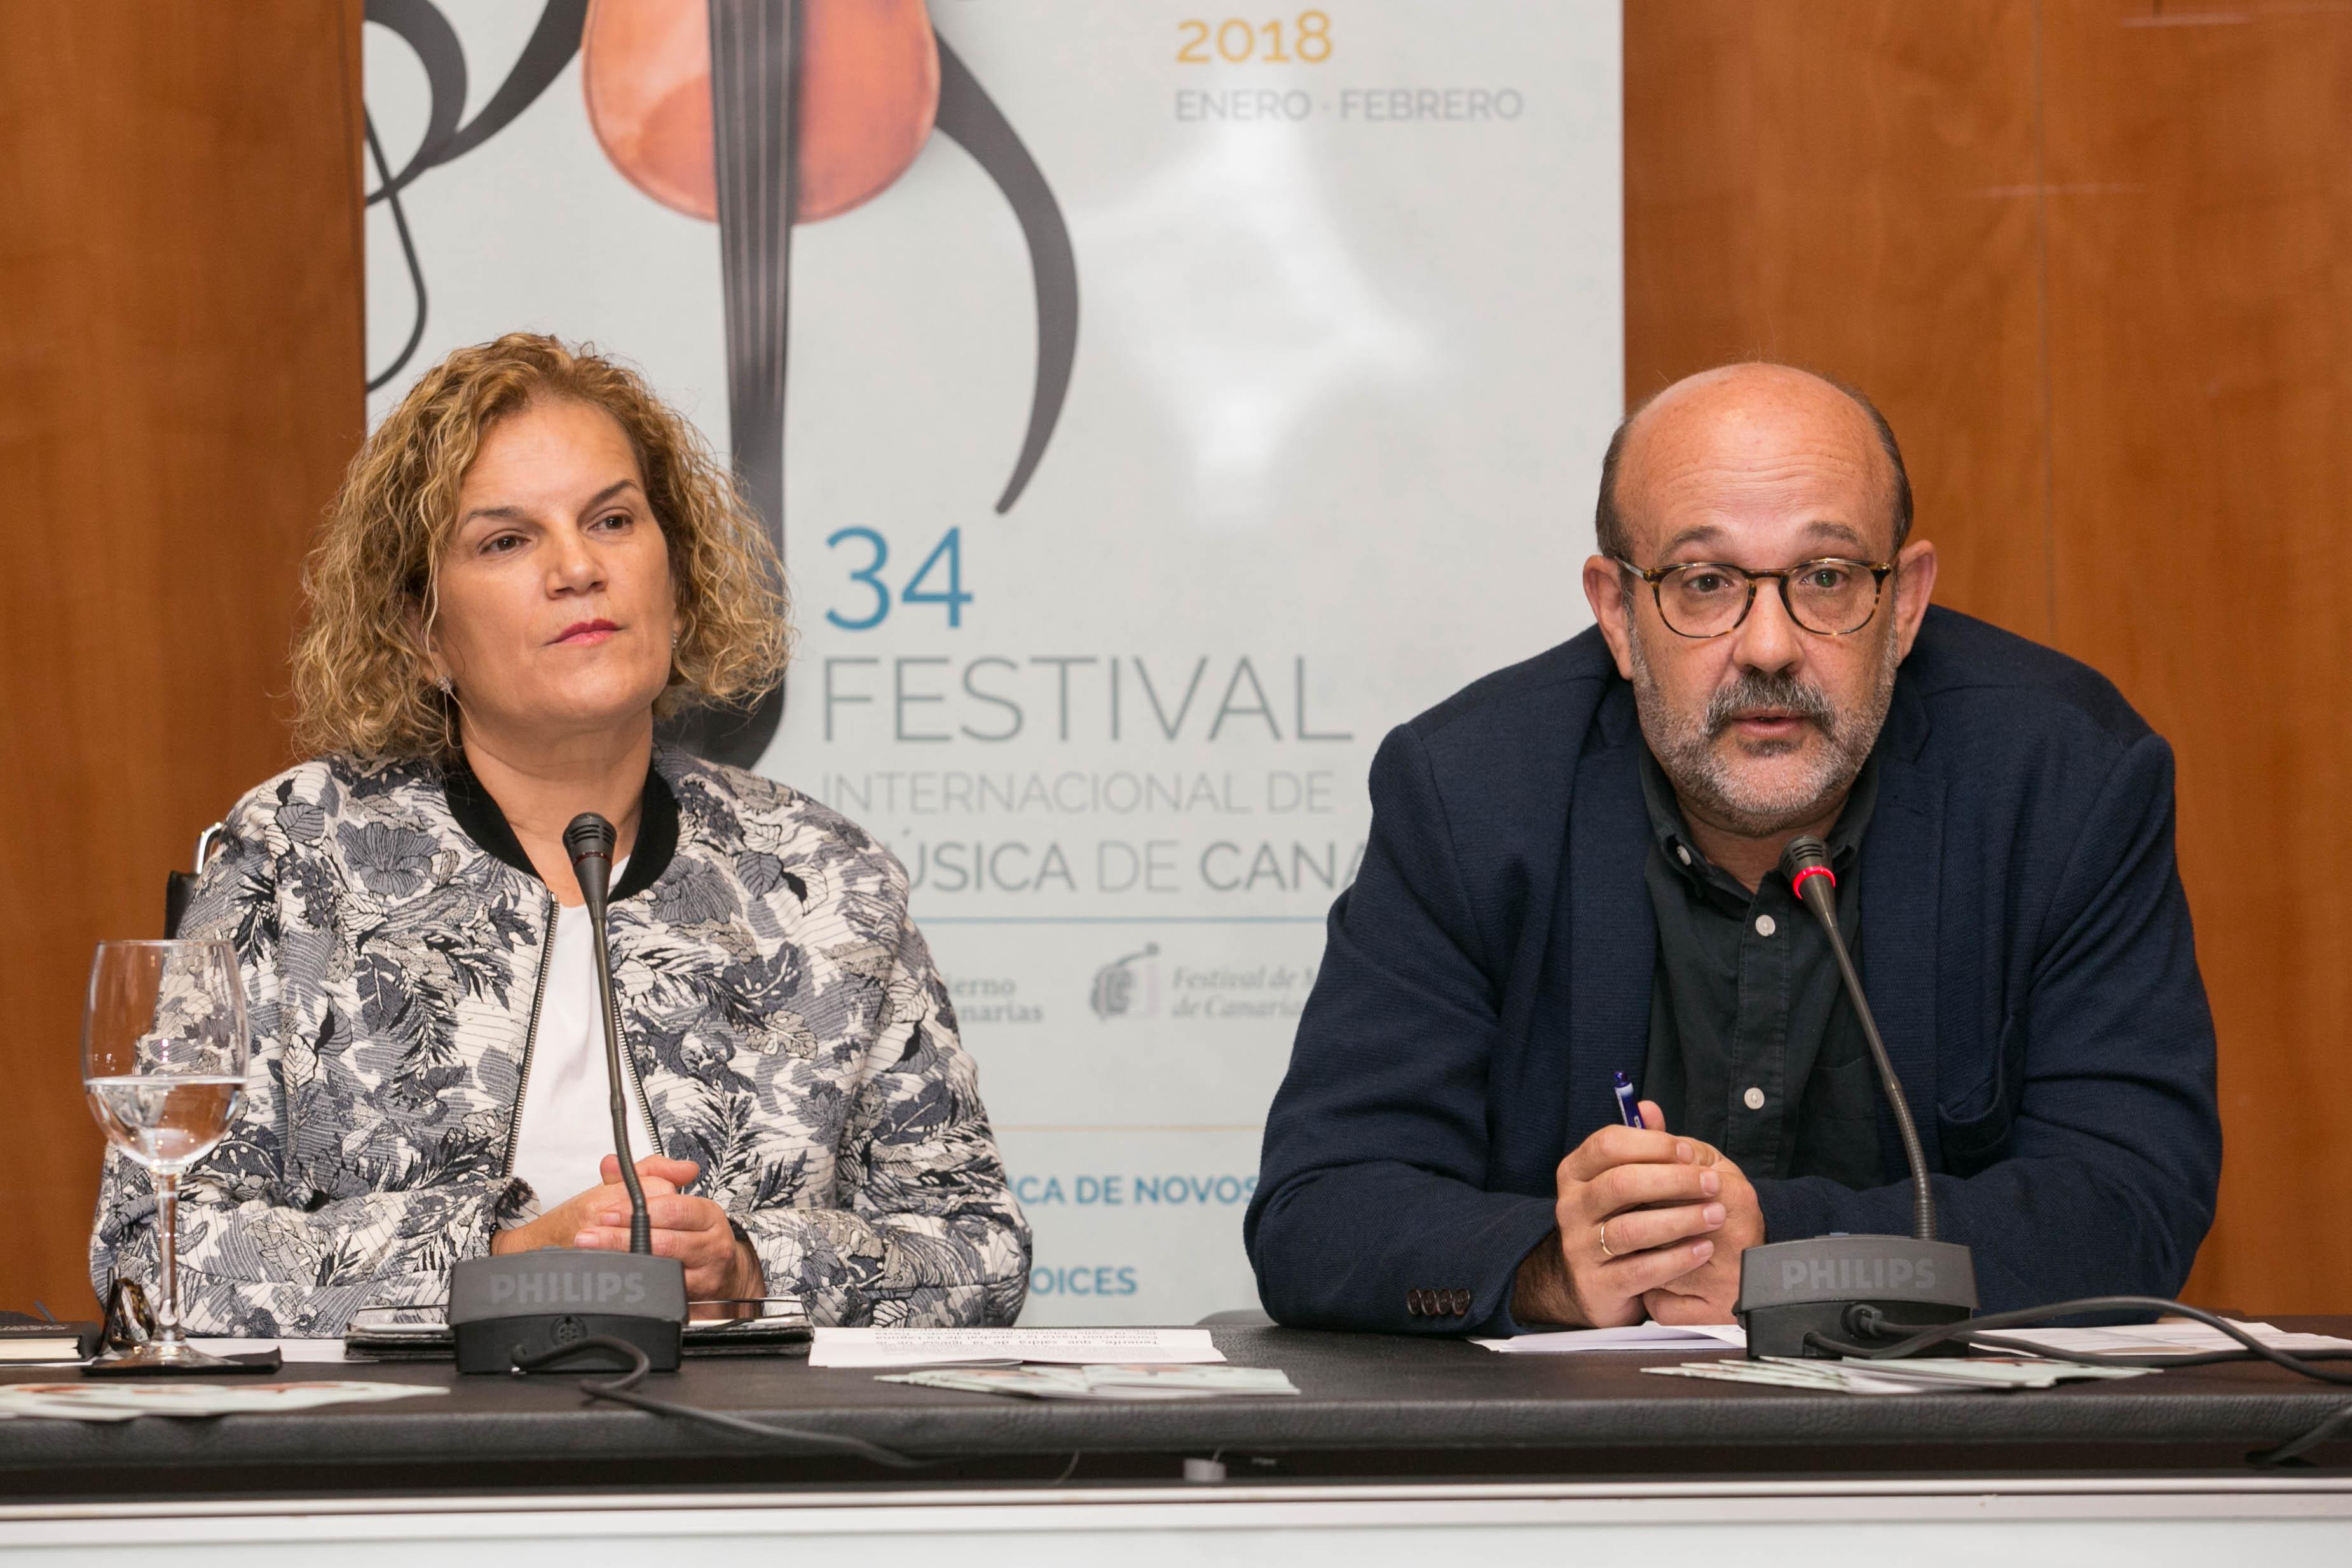 Inauguración del 34 Festival de Música de Canarias en Tenerife